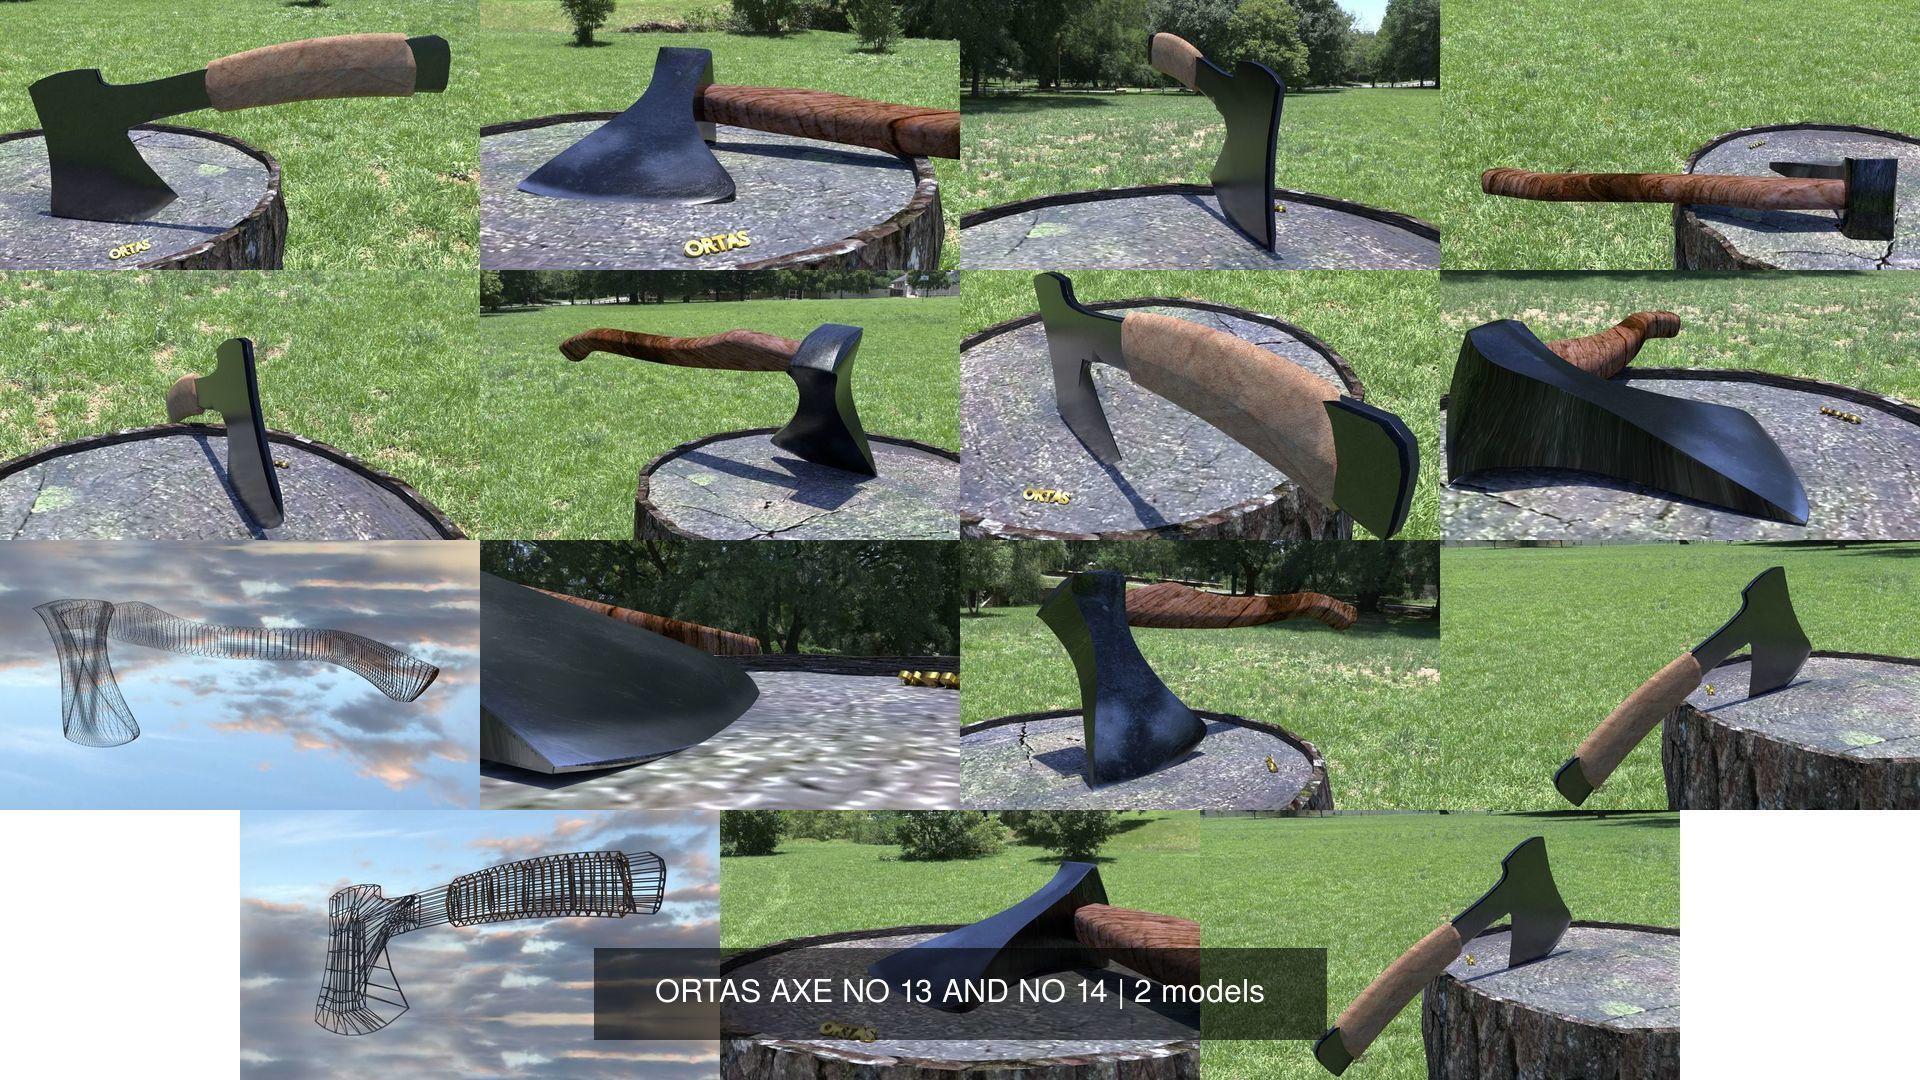 ORTAS AXE NO 13 AND NO 14